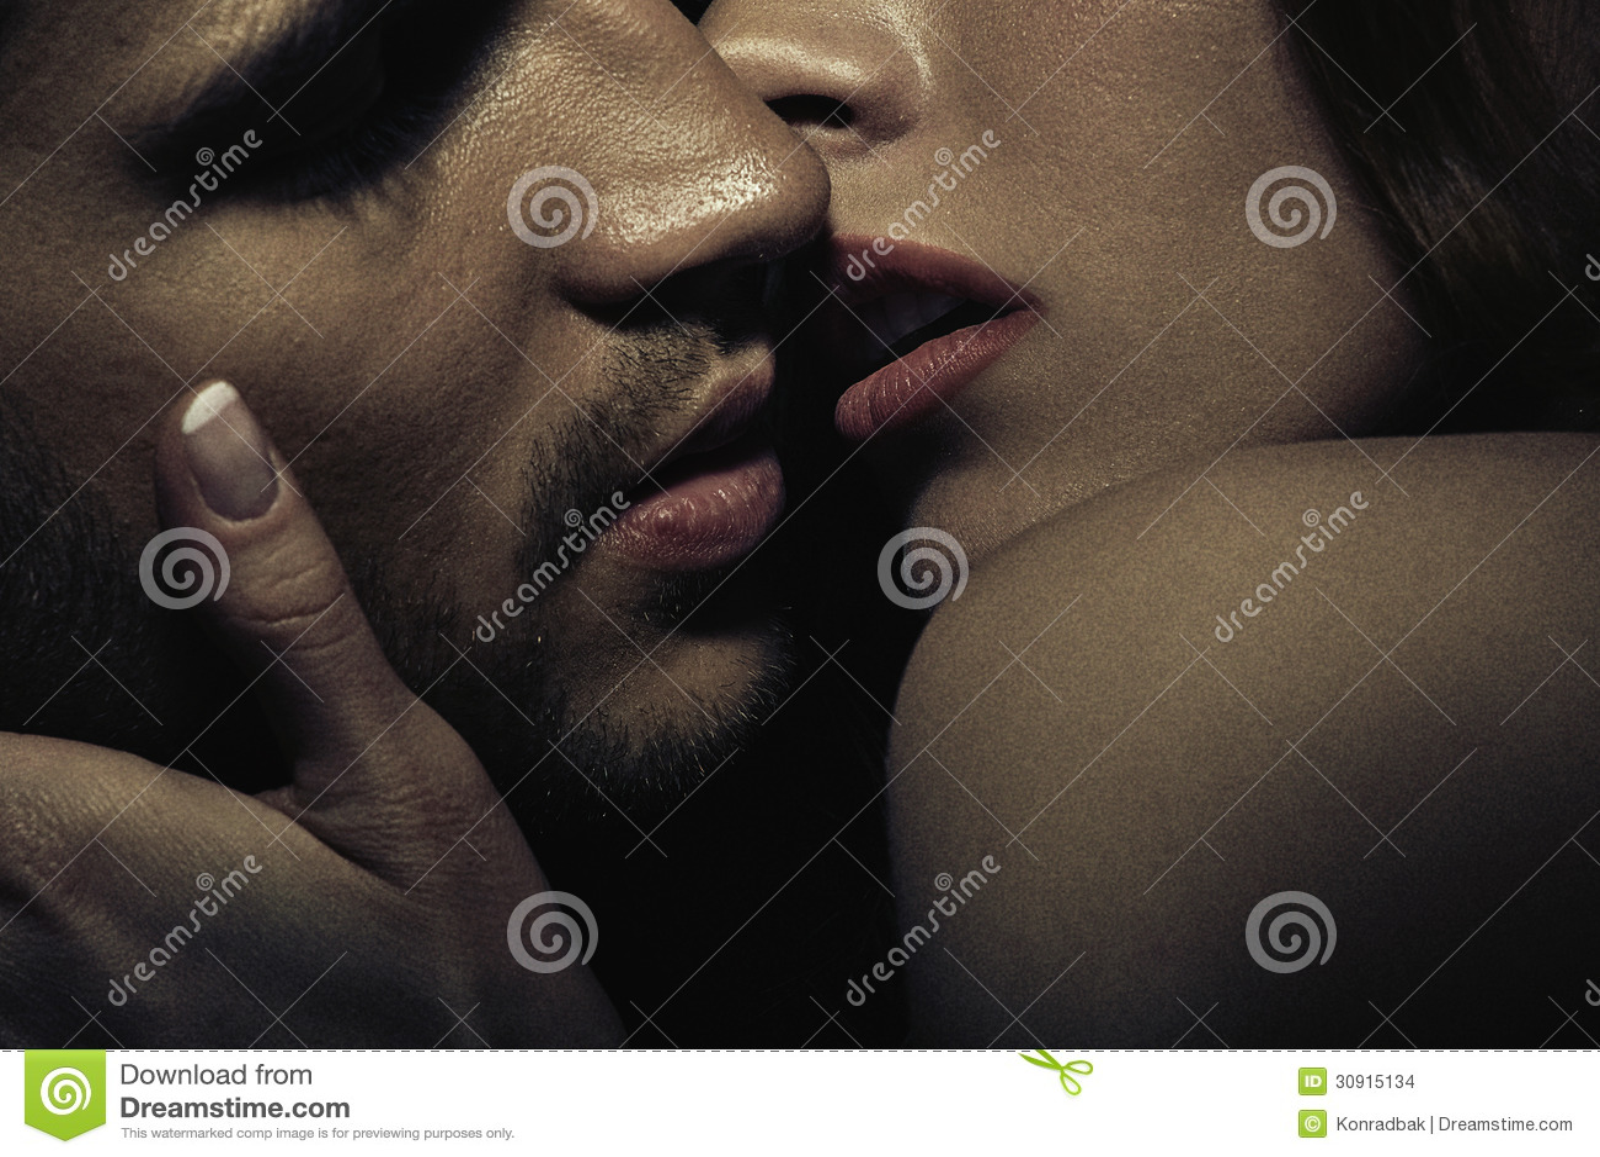 felizes pt chat videos sensuais